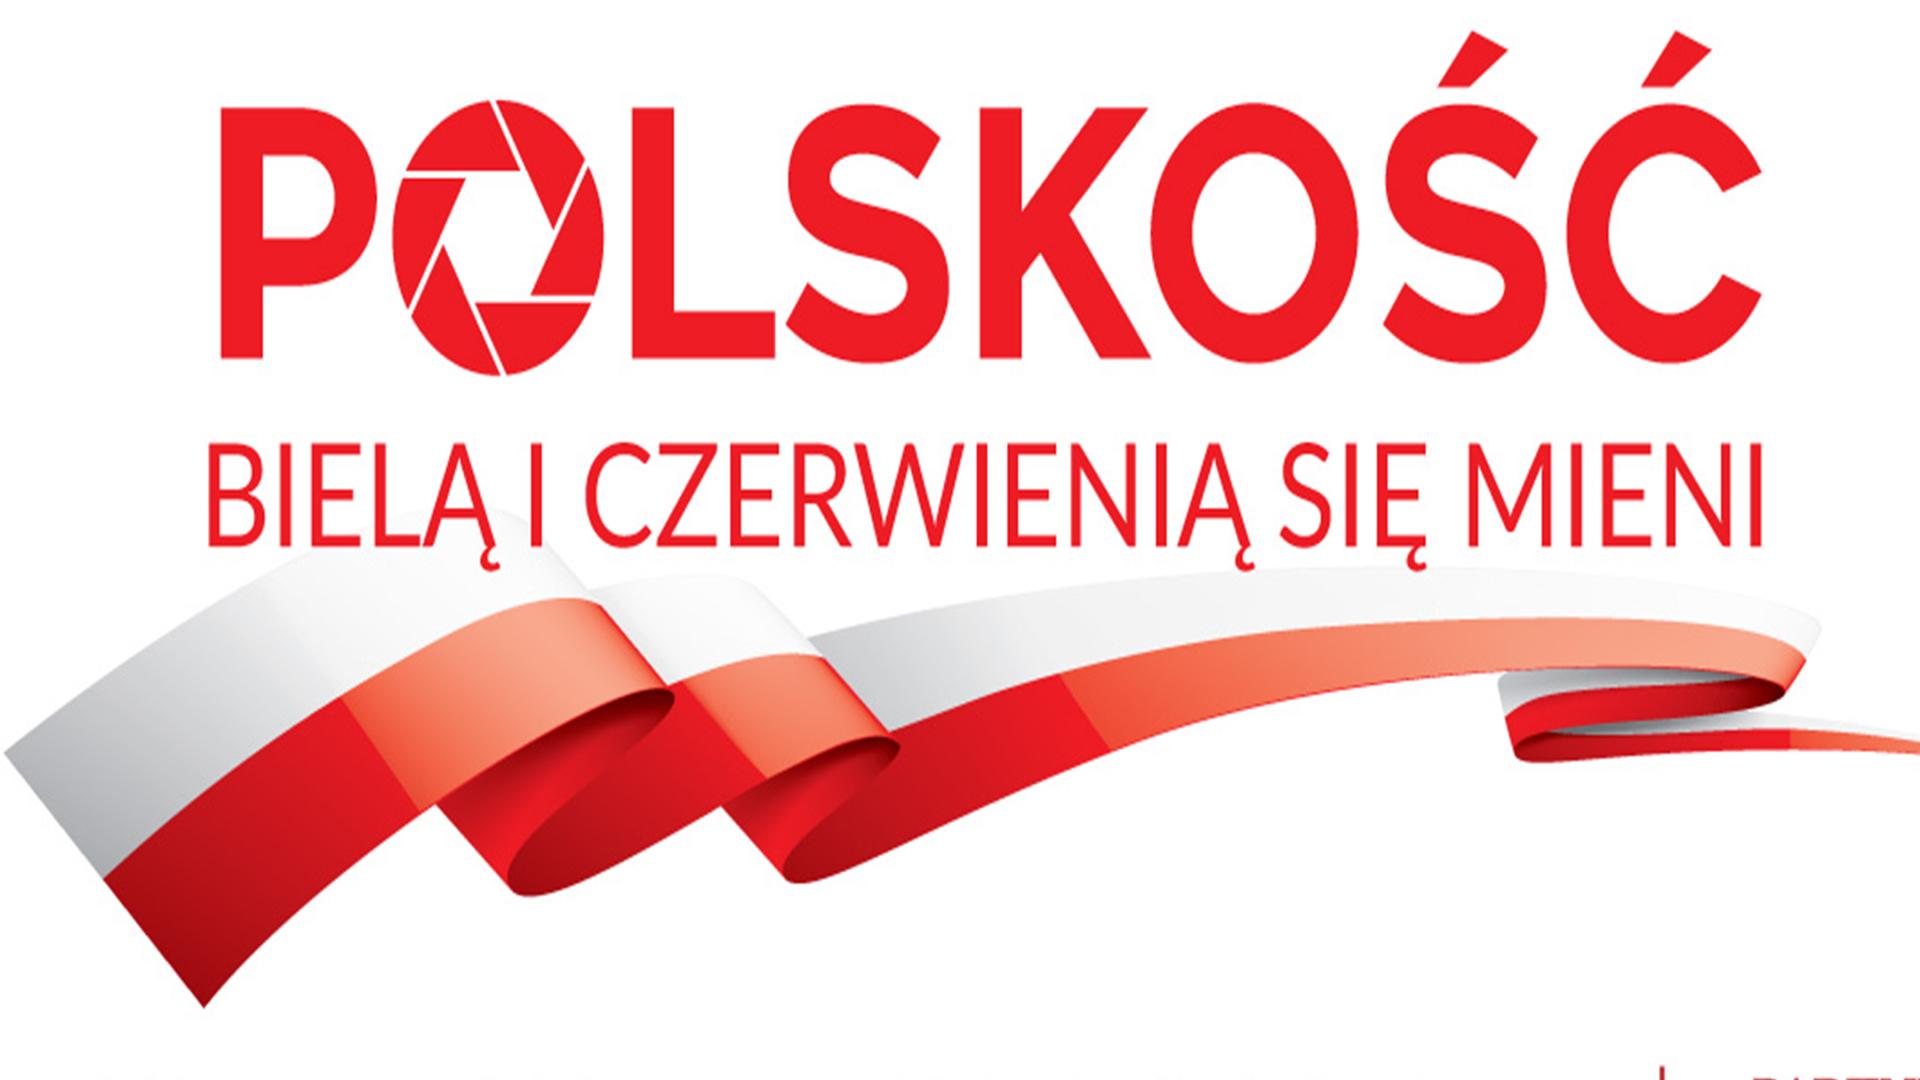 konkurs polskość czerwiernią się mieni